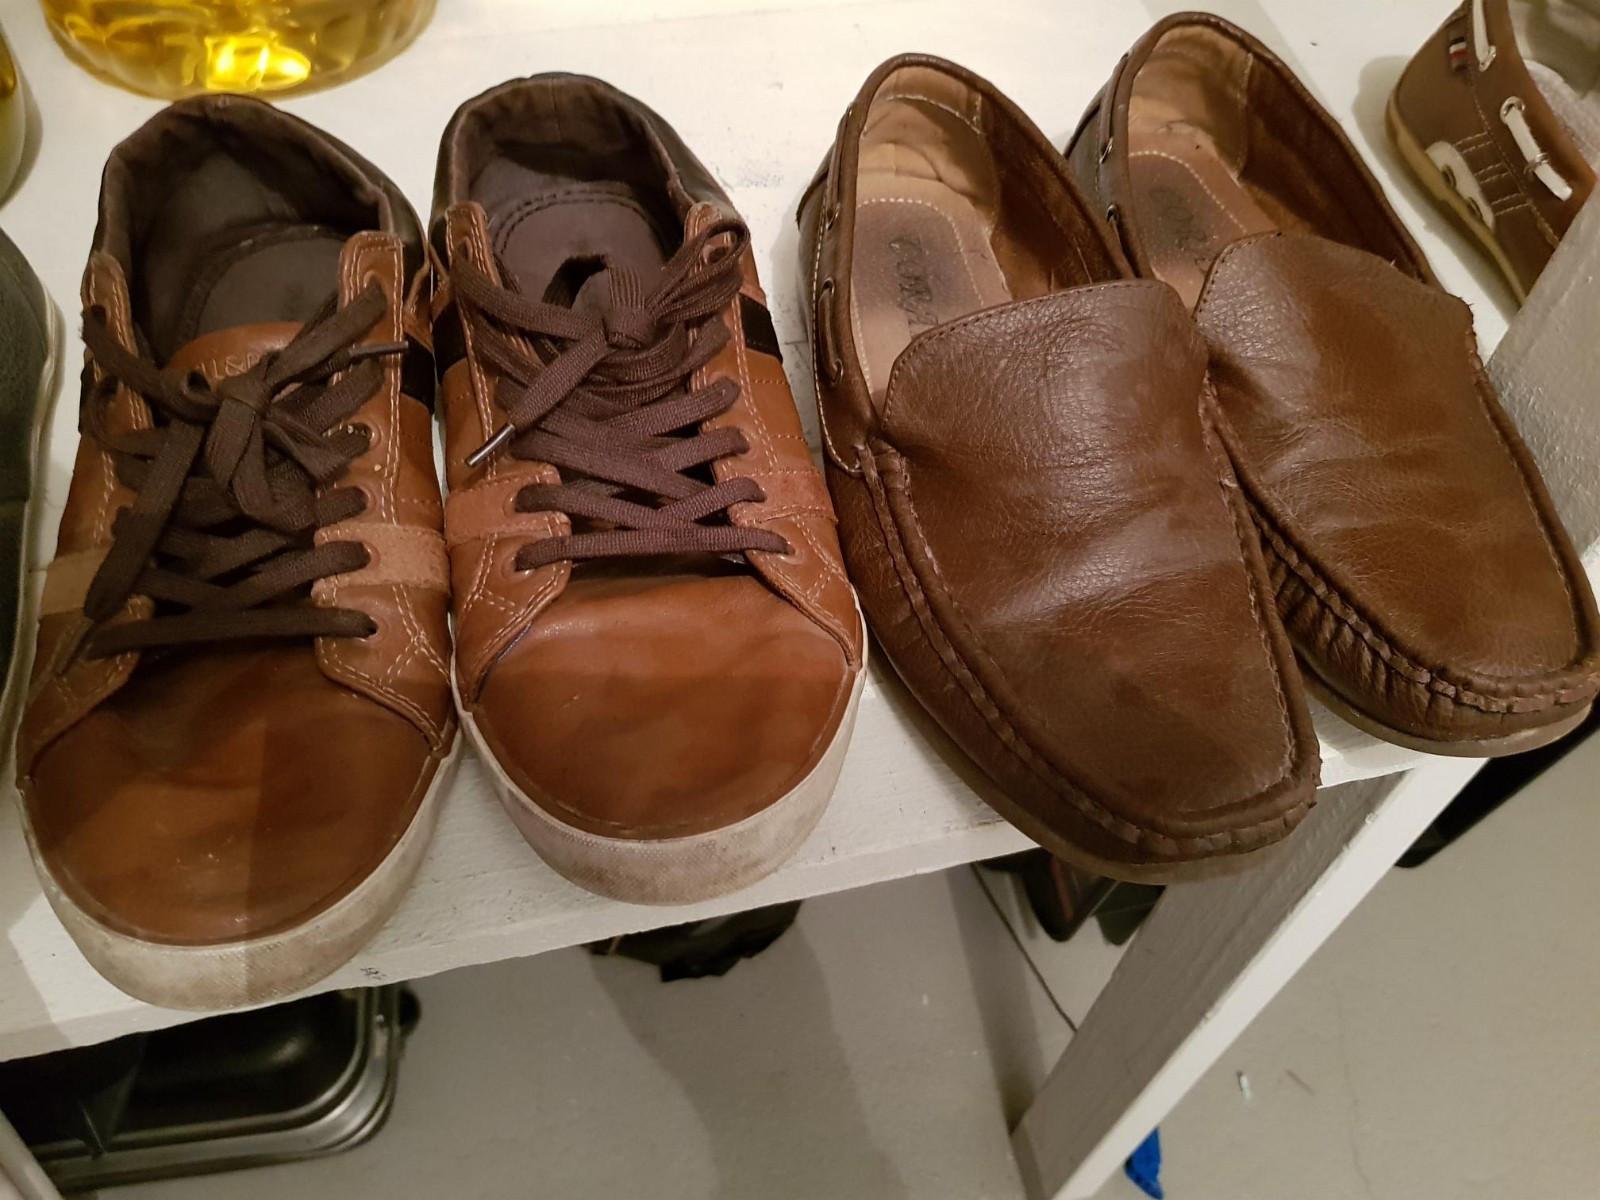 Sko i str 40-41 - Sandefjord  - Sko i størrelse 40-41 gisbort da jeg har mange sko. 2 av skoene er pull & bear merke. Vil ha de vekk fort. - Sandefjord